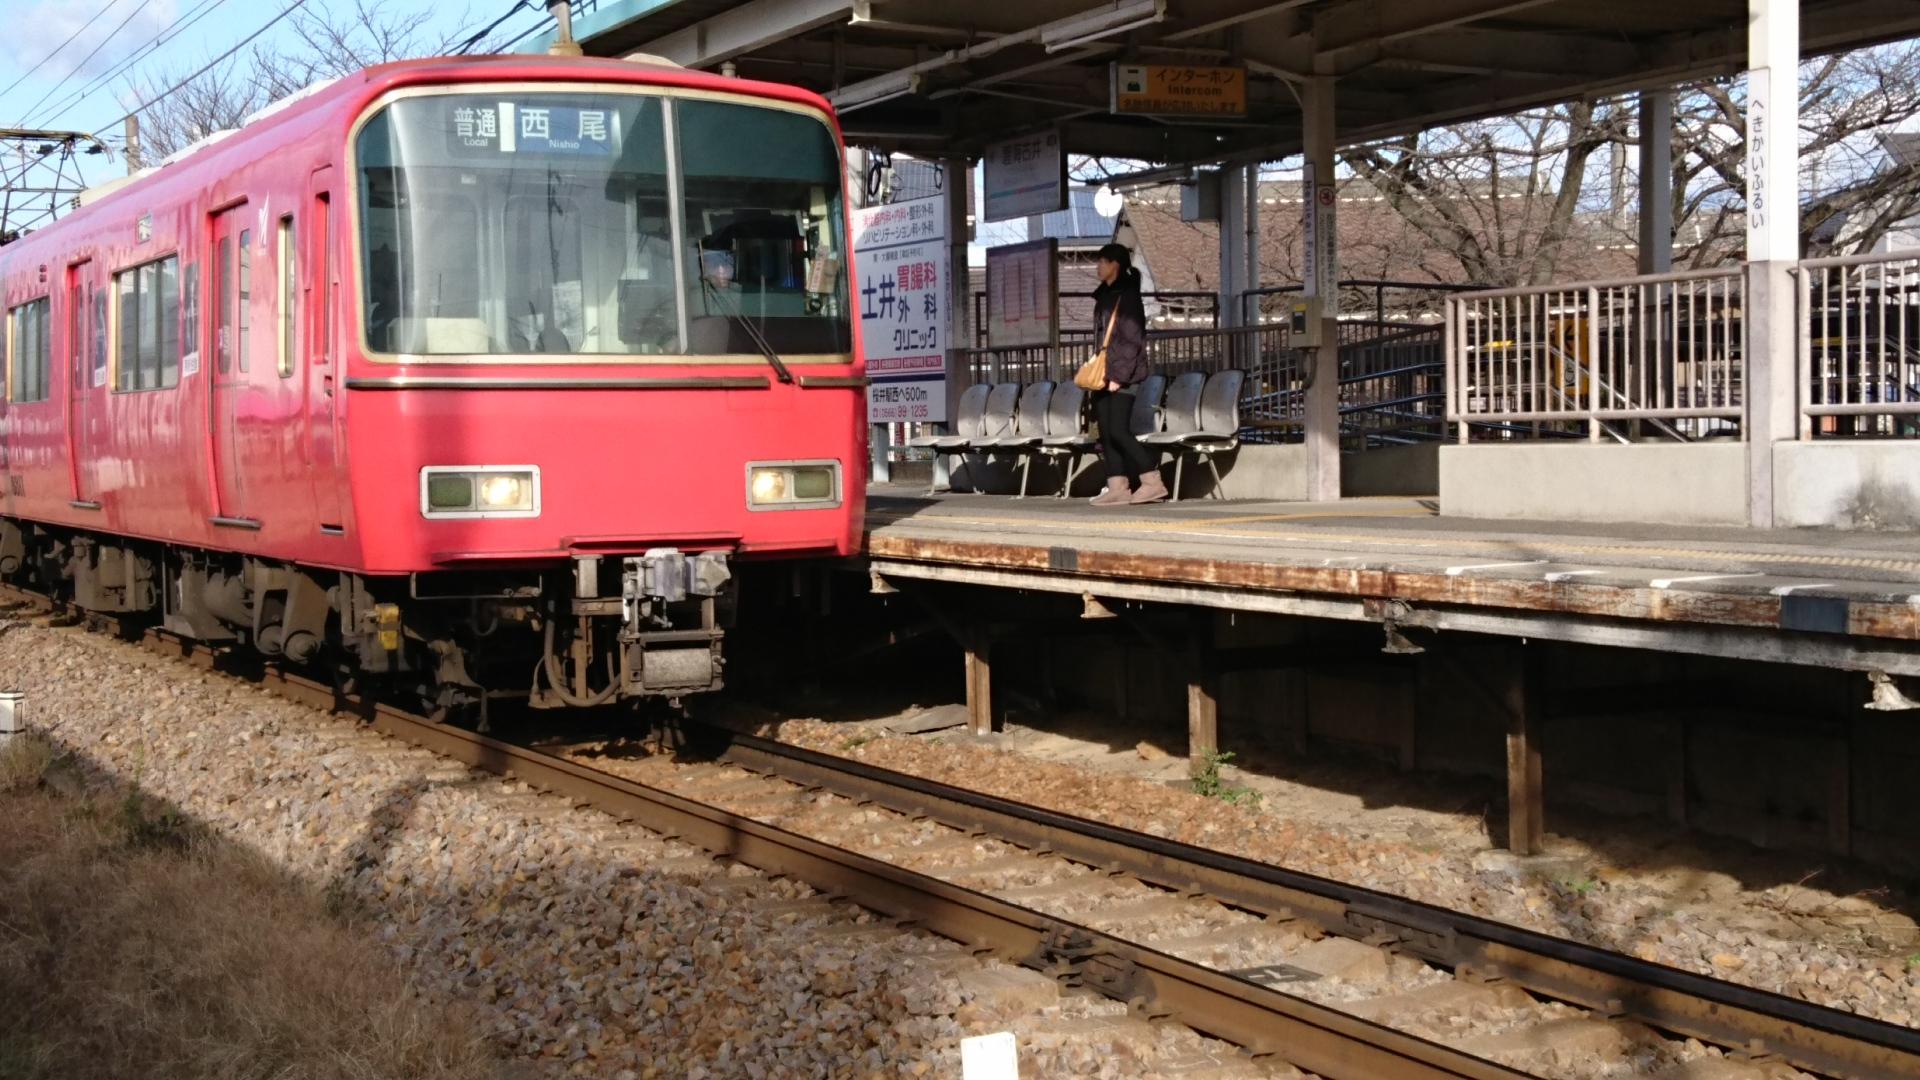 2016.12.24 古井 (3) 西尾いきふつう 1920-1080